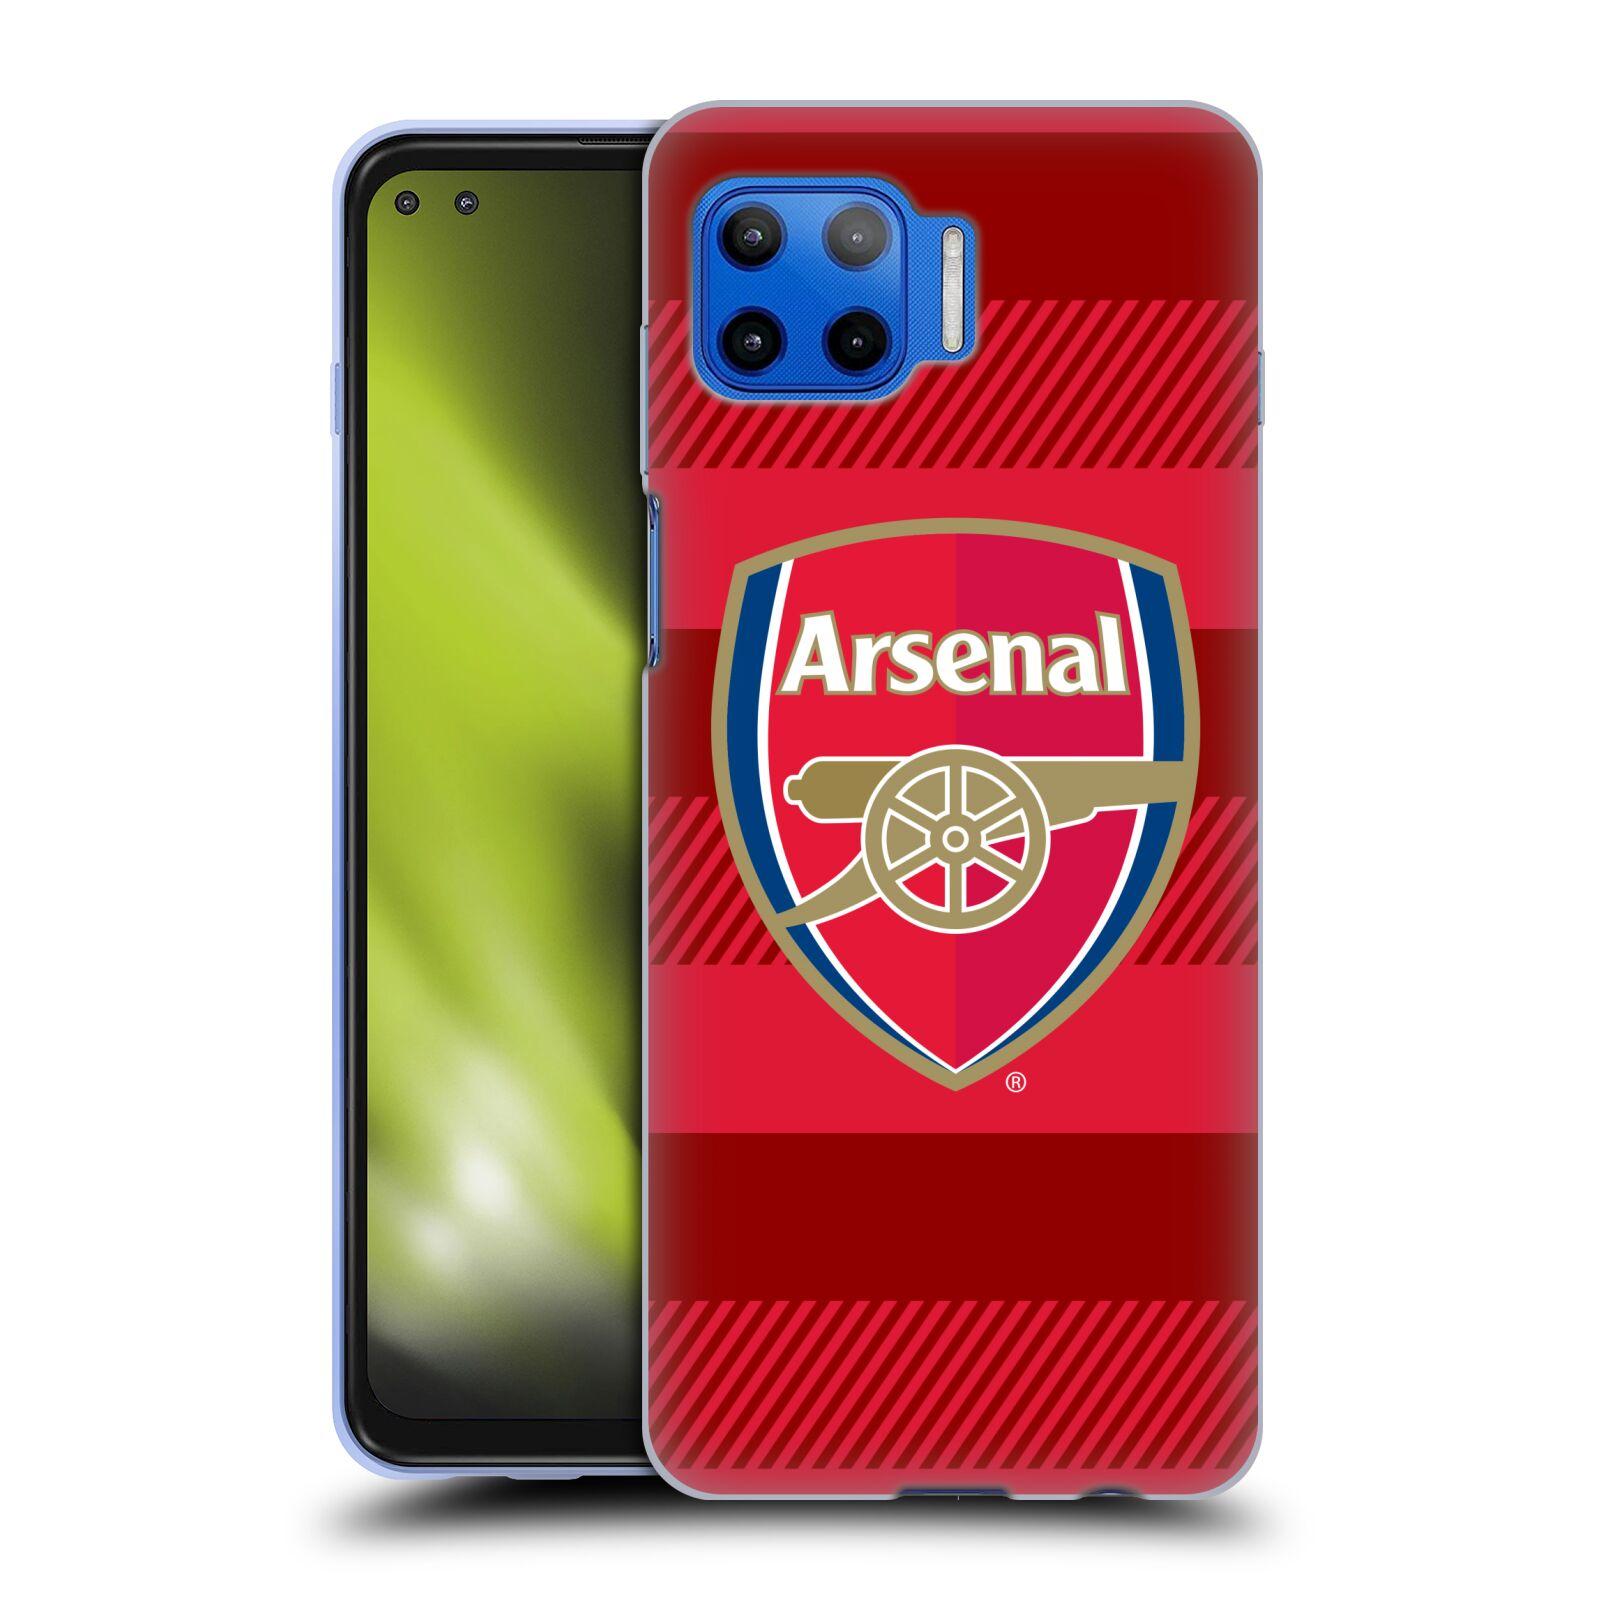 Silikonové pouzdro na mobil Motorola Moto G 5G Plus - Head Case - Arsenal FC - Logo s pruhy